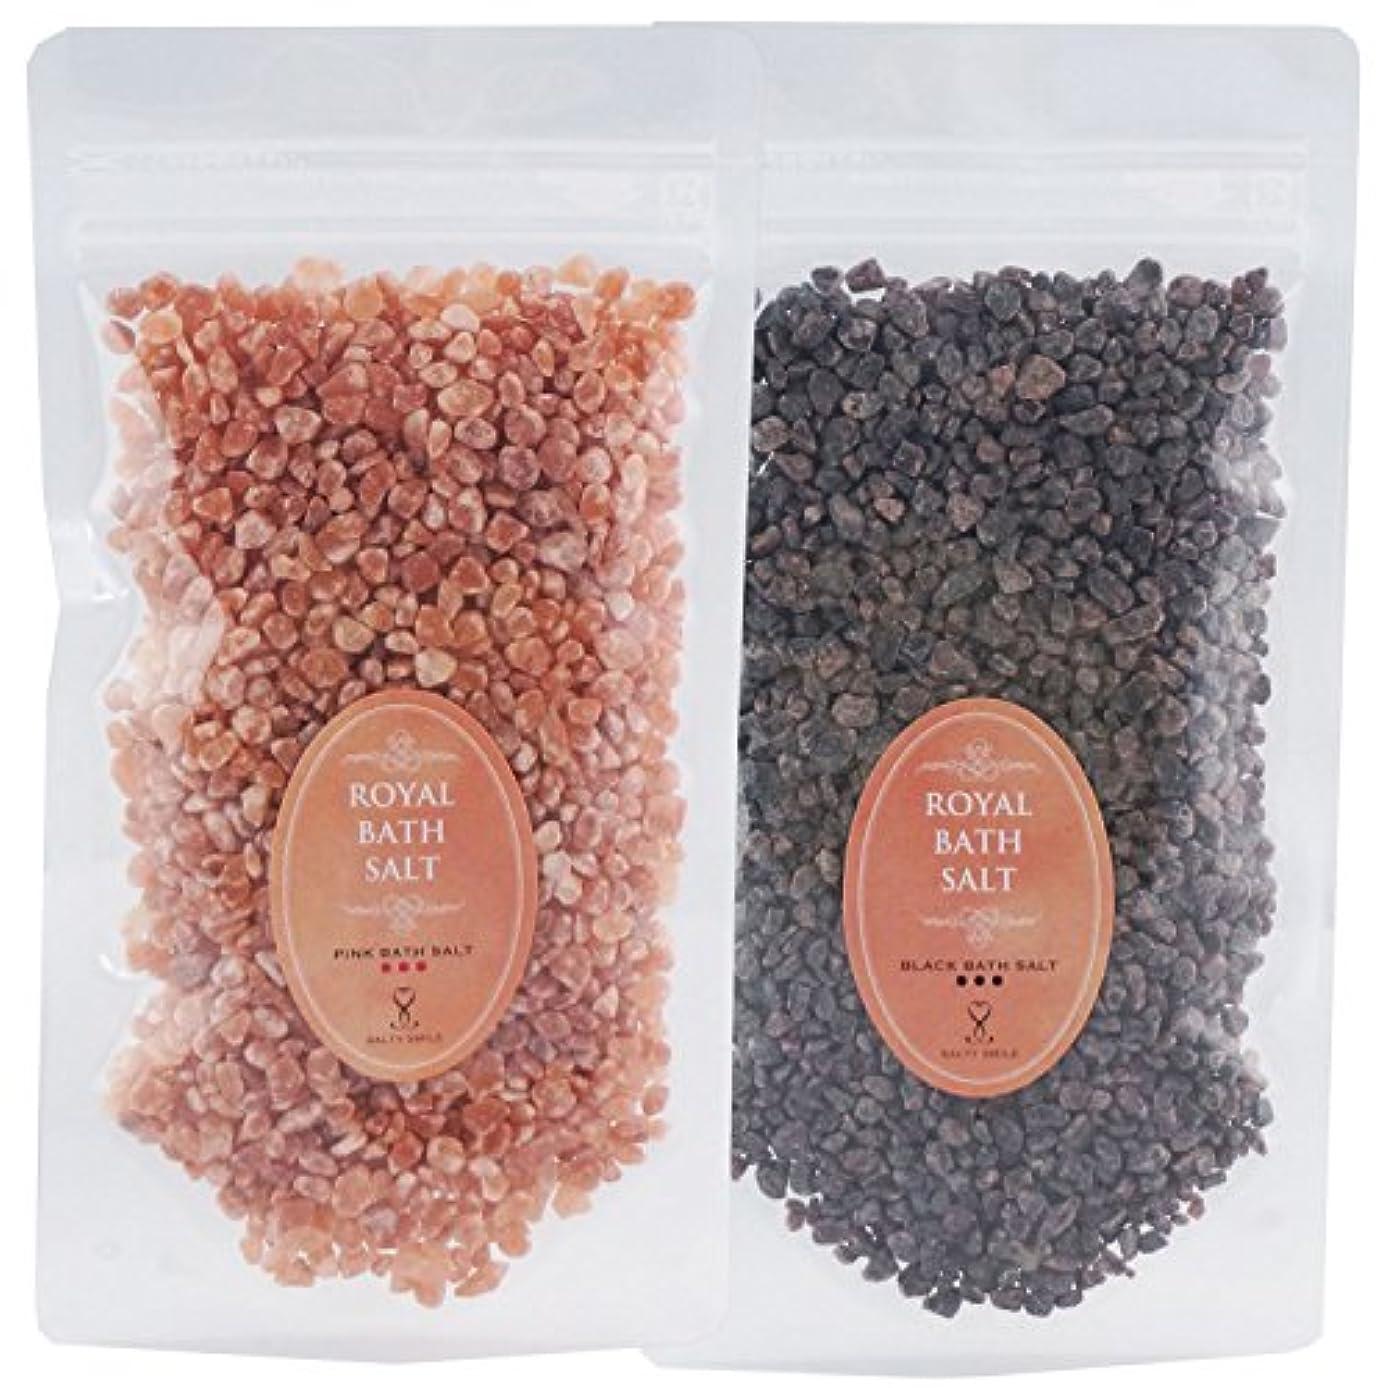 ストッキング予想外実用的ロイヤル バスソルト ヒマラヤ岩塩 ピンク ブラック グレイン 各200g 粗粒 ROYAL BATH SALT